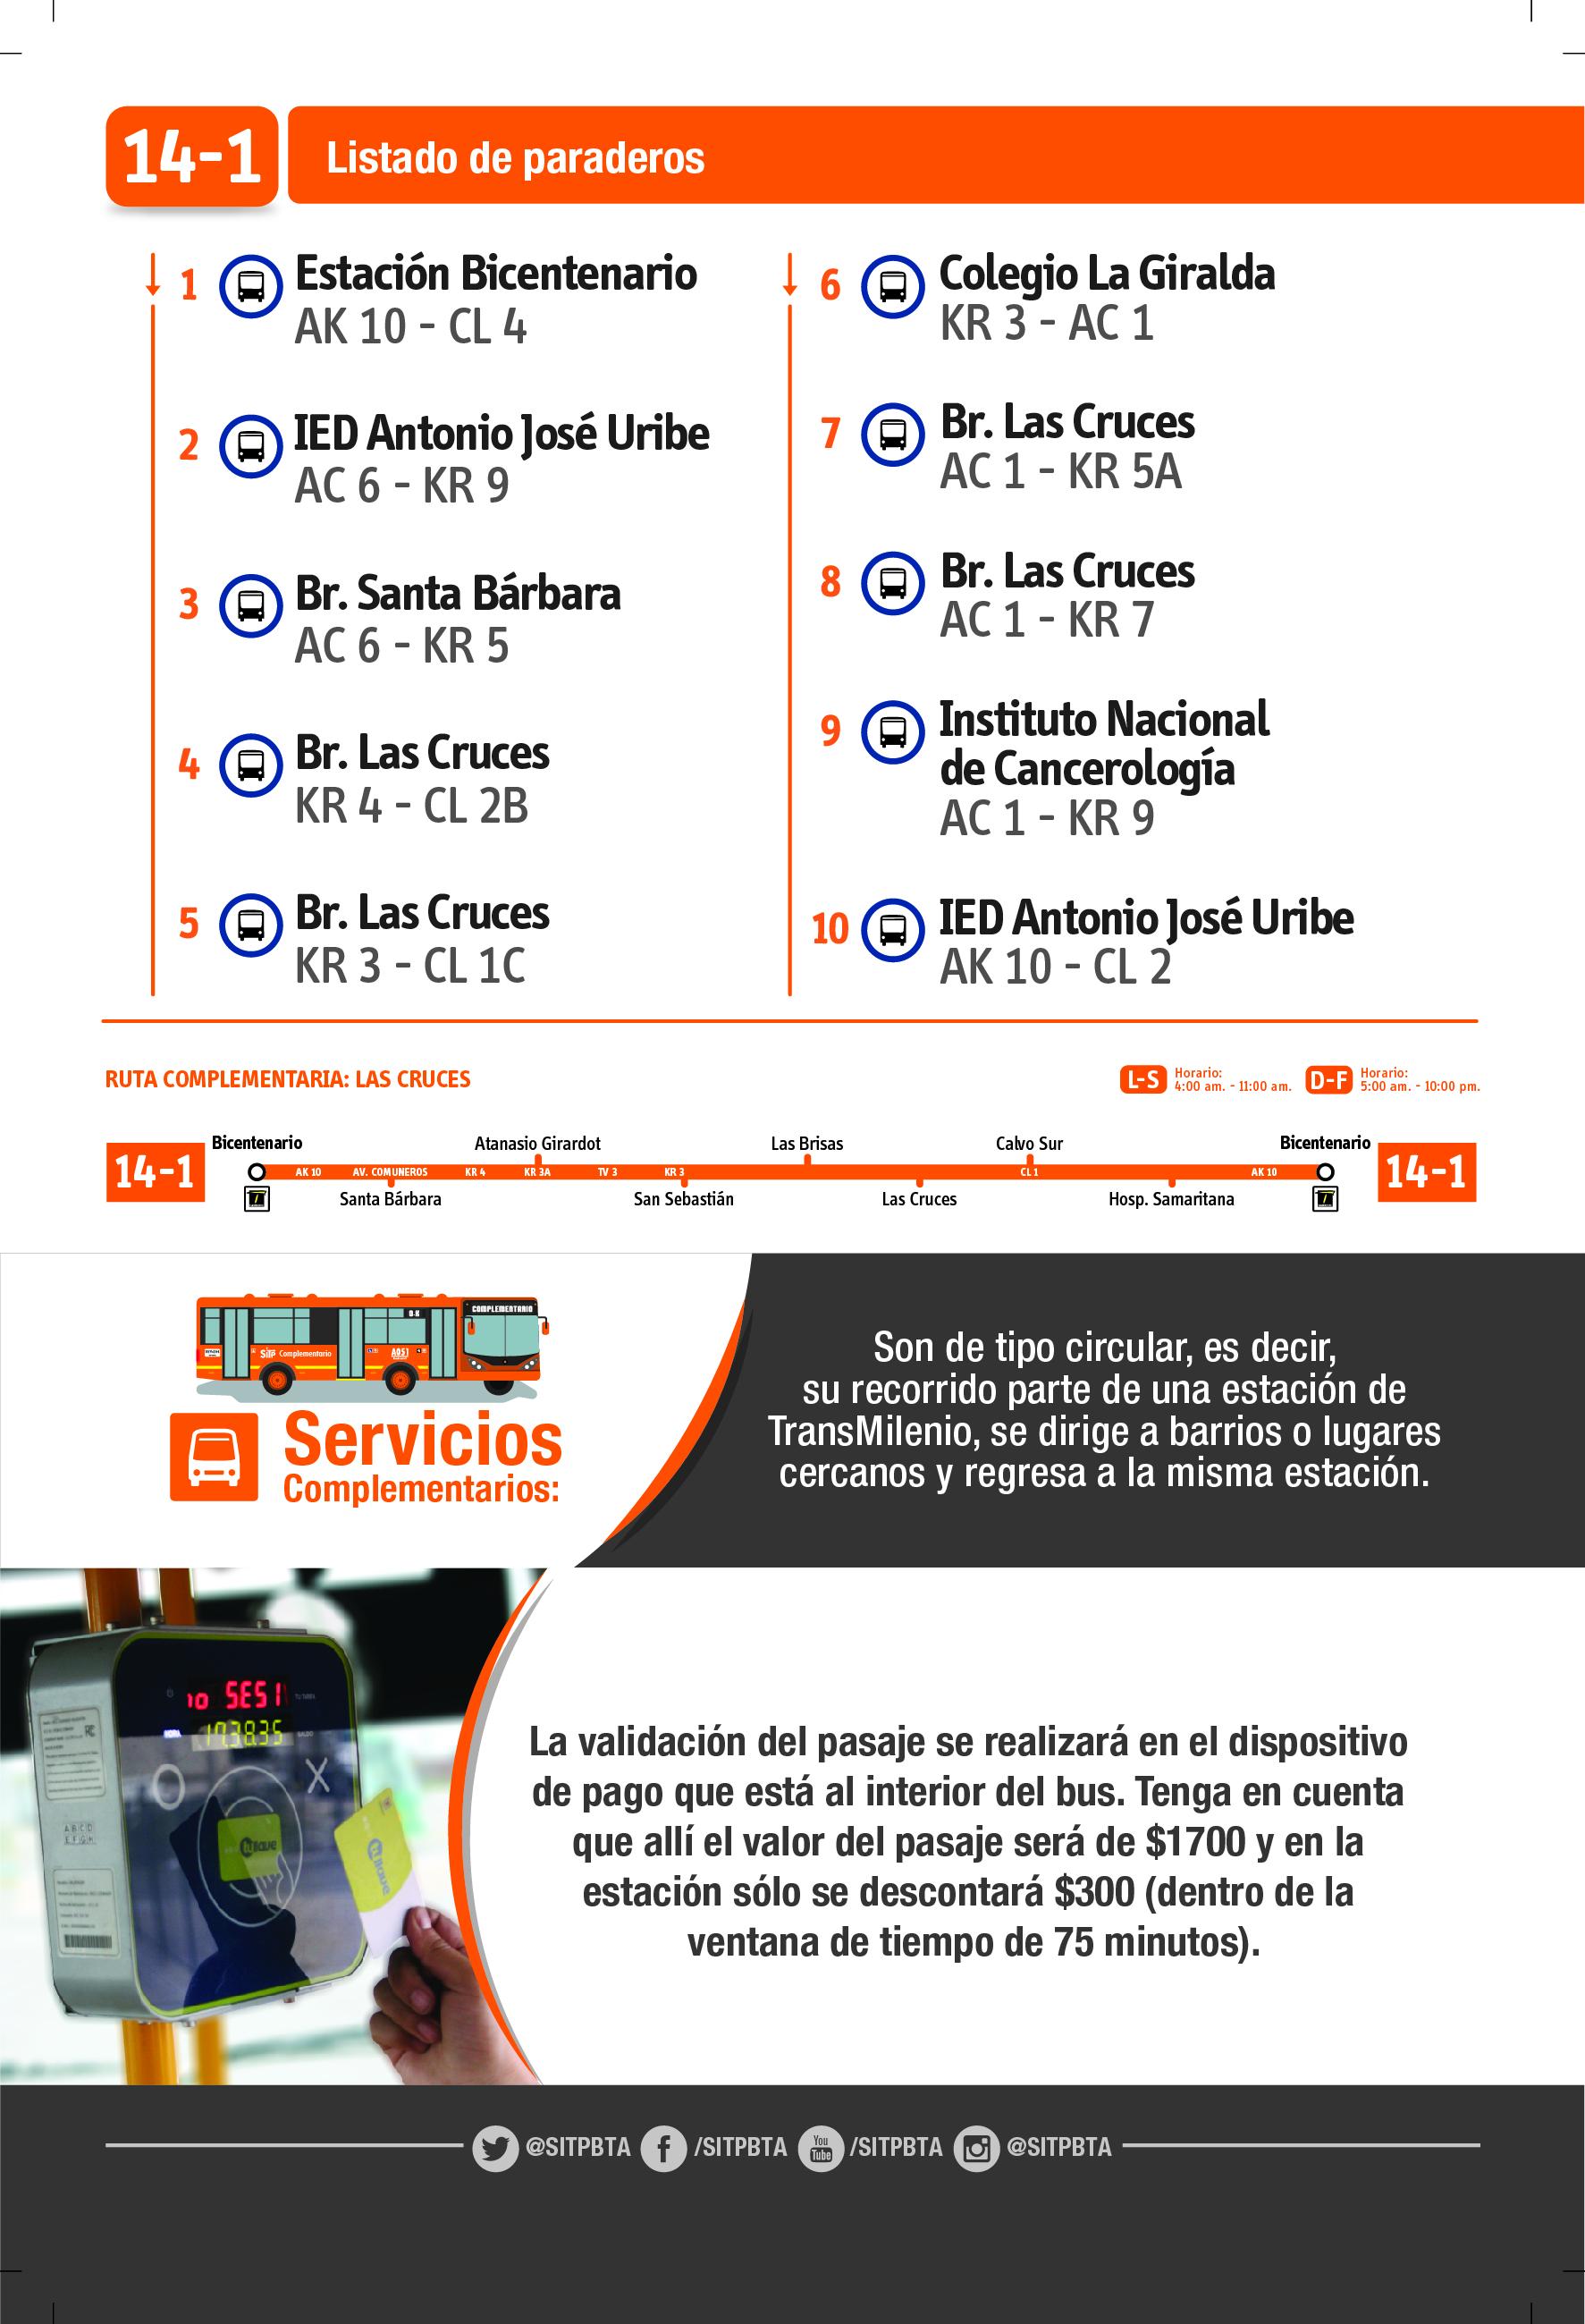 Se informa a todos los usuarios que el servicio complementario 14 -1  LAS CRUCES  ajusta su horario  empezando la operación  los Lunes a Sábado 4:00 AM- 11:00 AM, Los  domingos  y festivos a  5:00 AM –10:00PM.